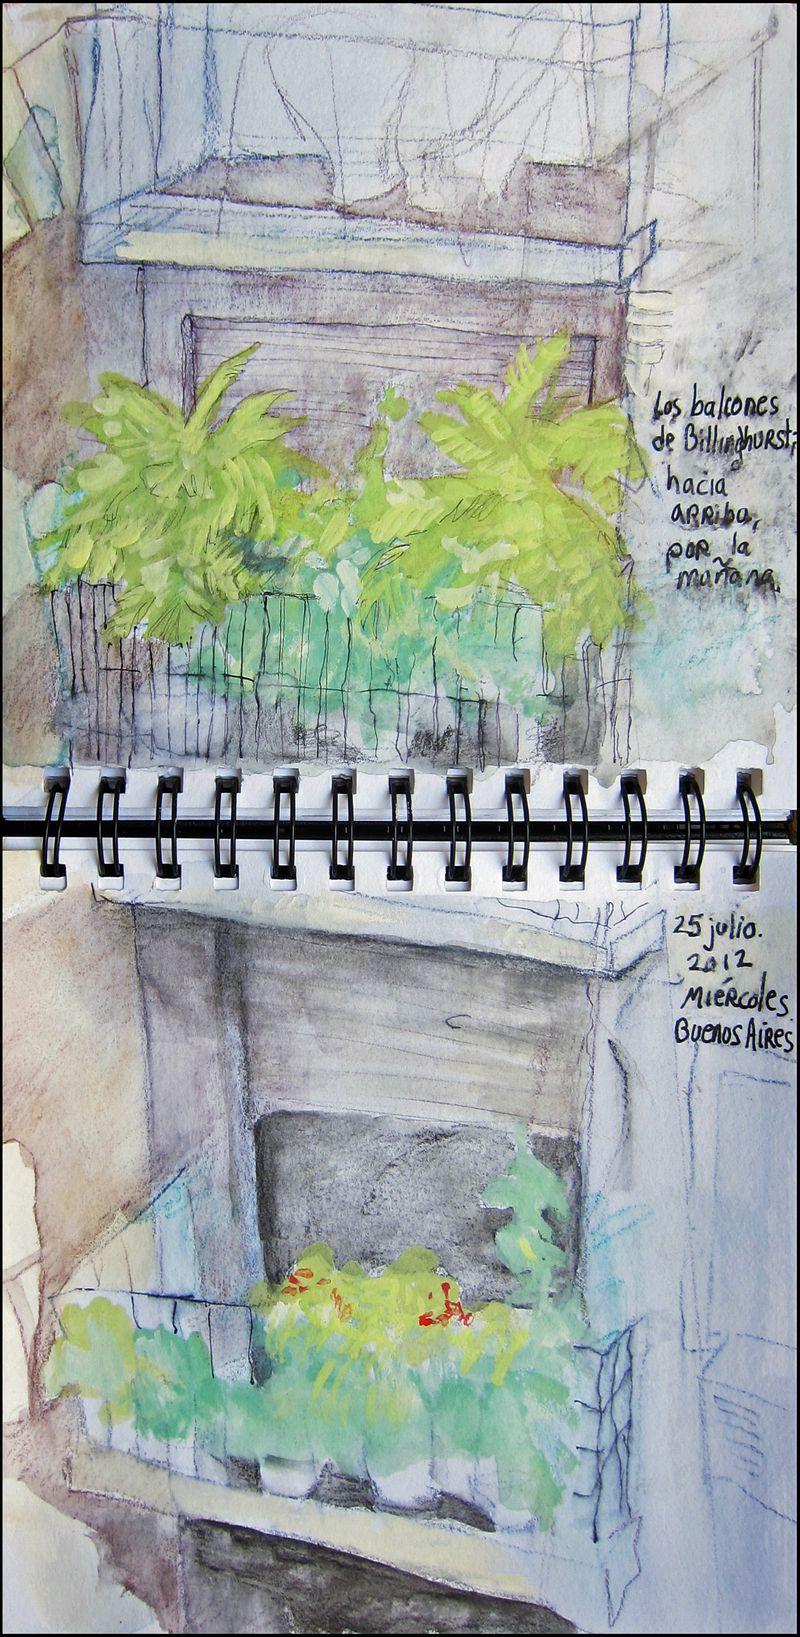 July25_2012_los balcones de billinghurst_2